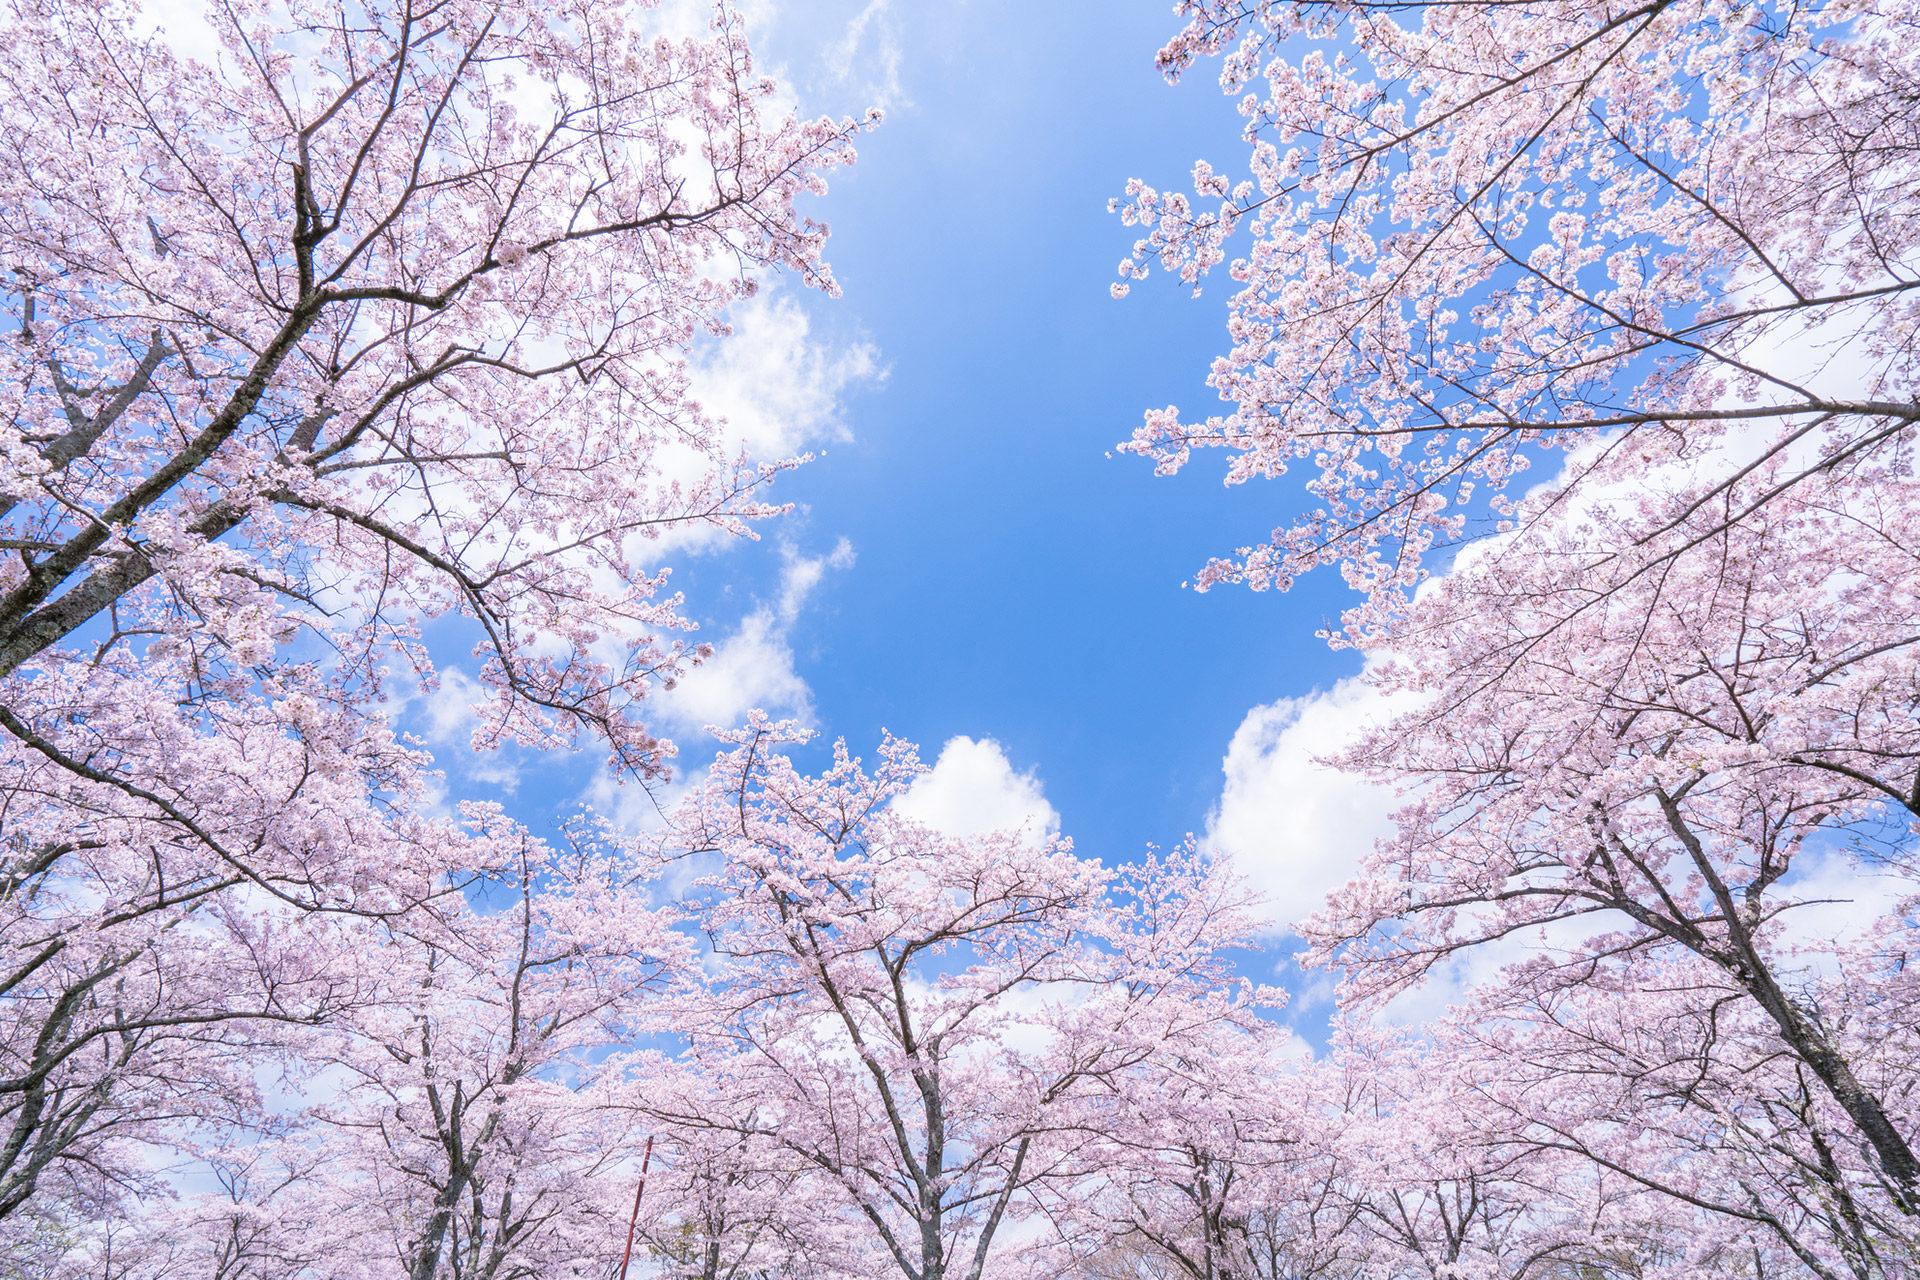 感受一下稍晚的春天怎麼樣?